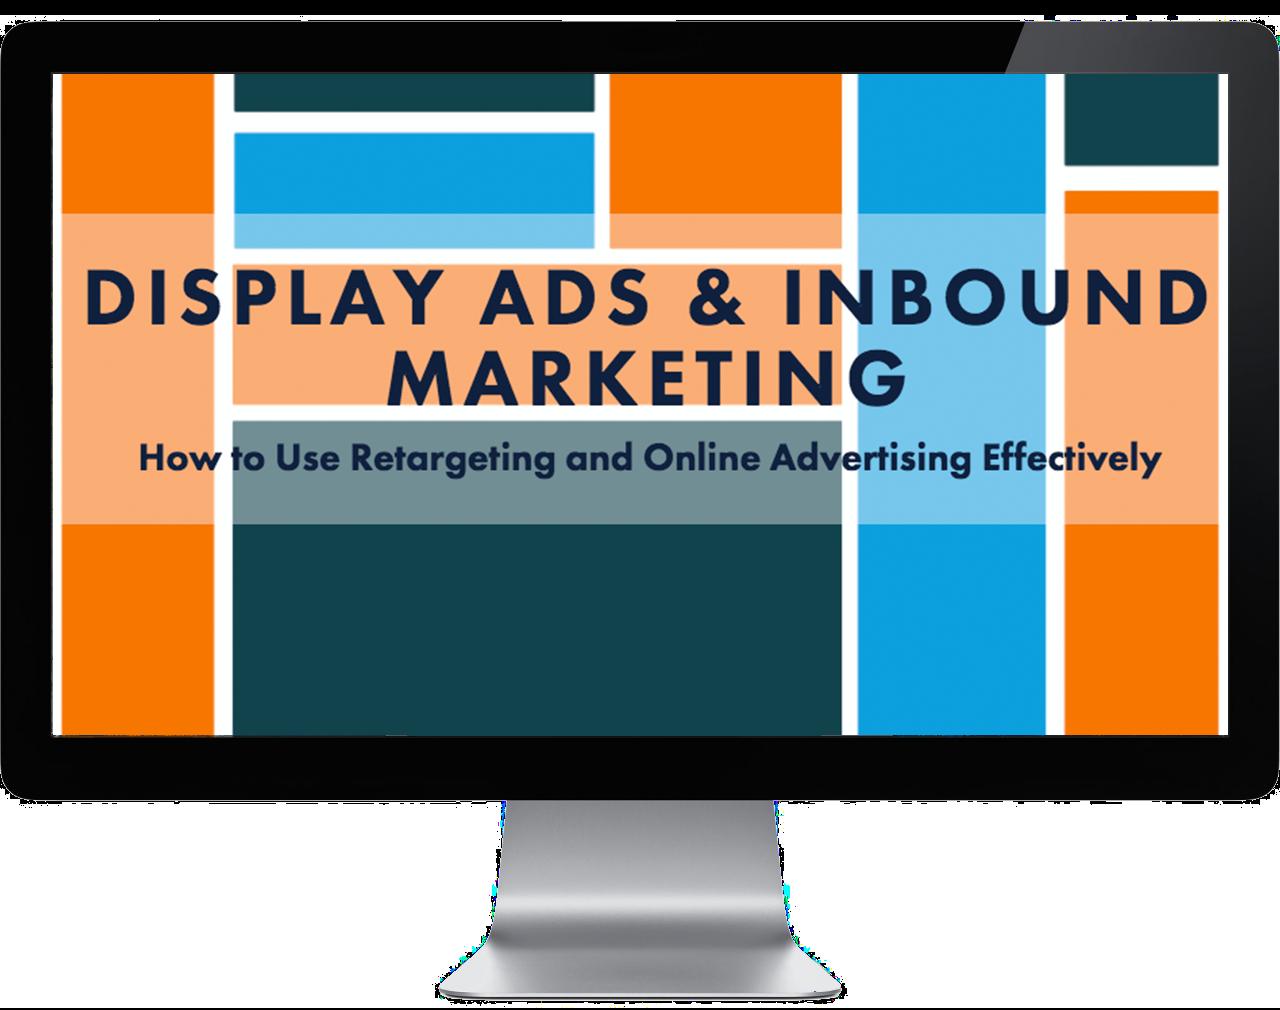 Display Ads and Inbound Marketing